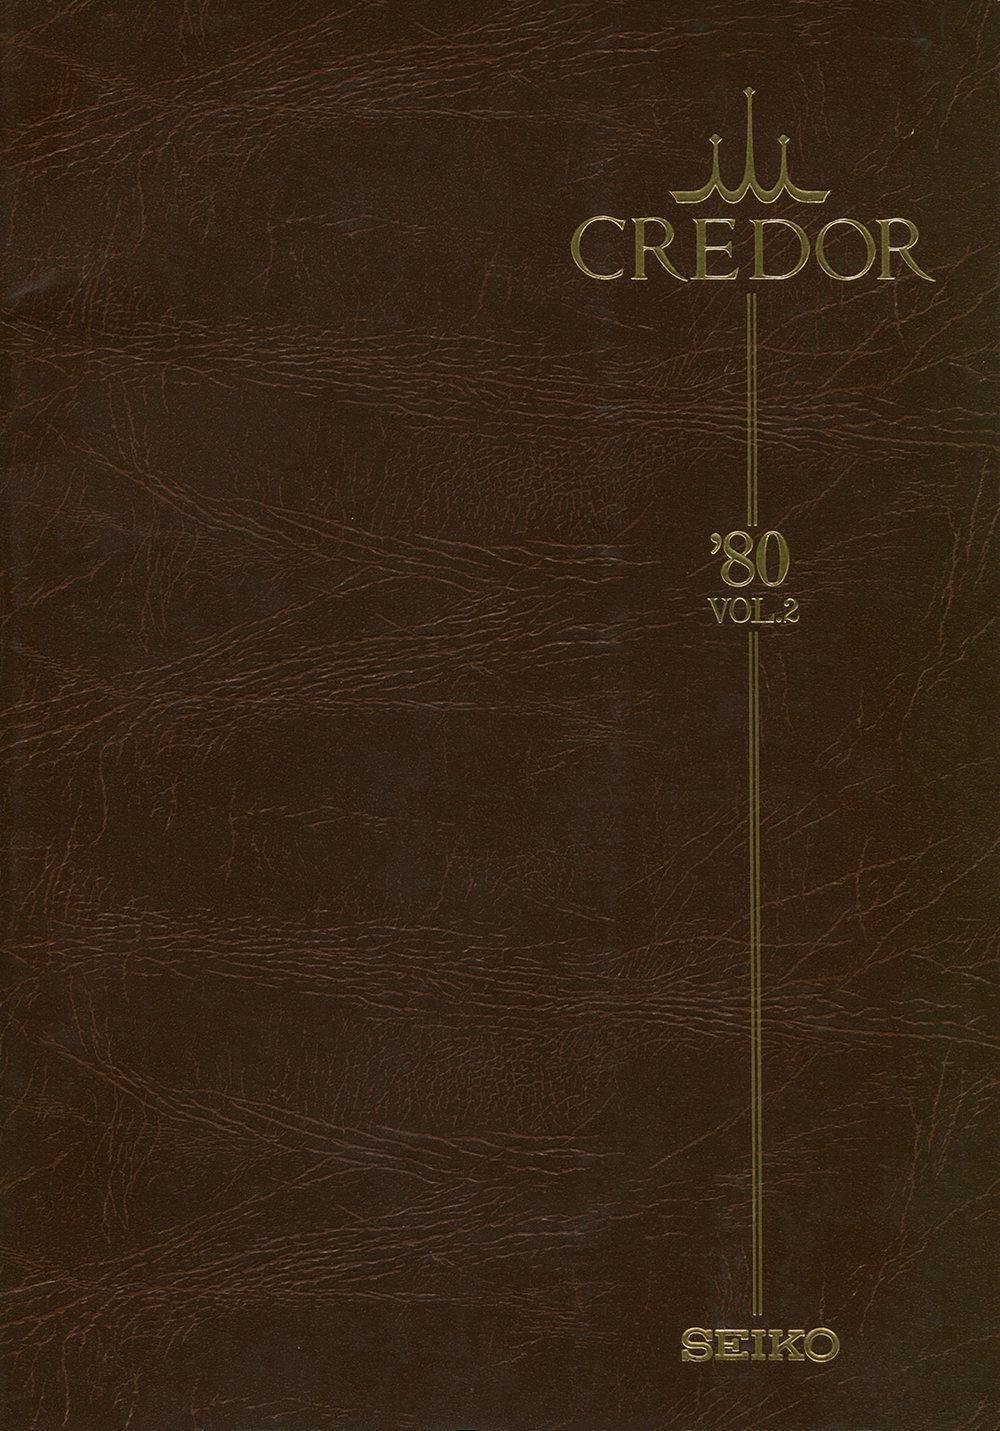 1980 Credor Vol.2 Catalog